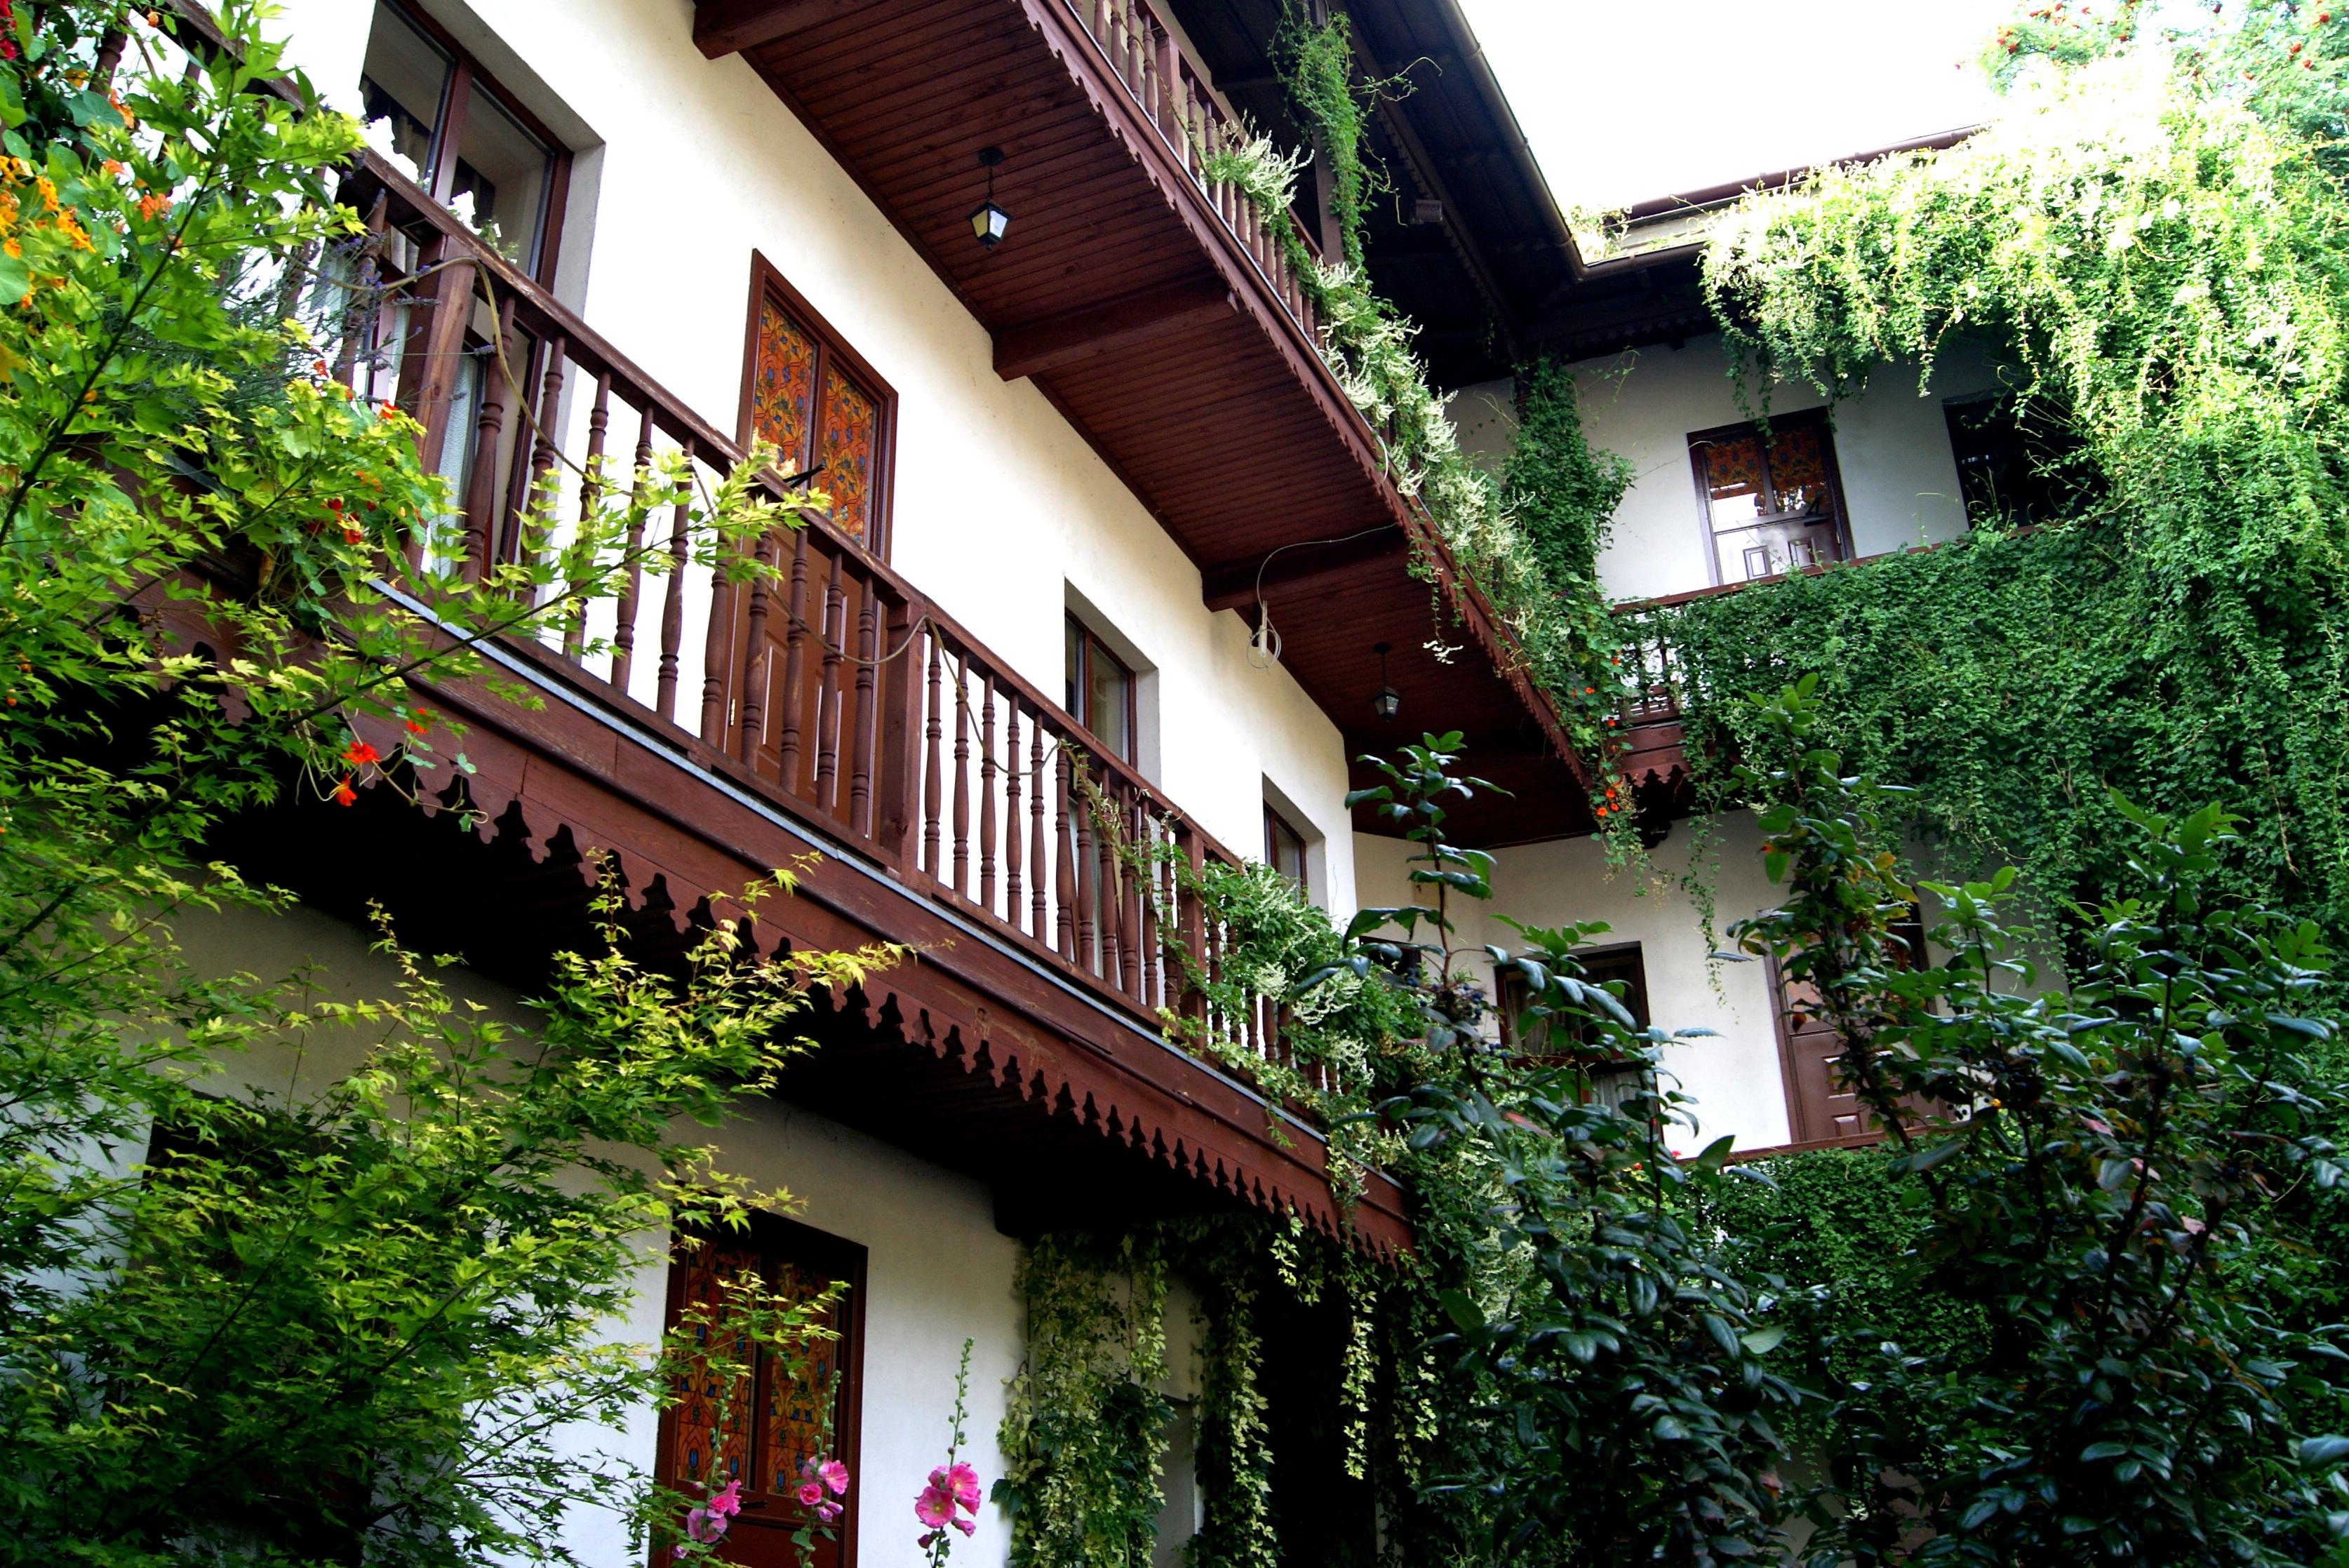 globtroter guest house, krakow accommodation, krakow hotel, krakow poland